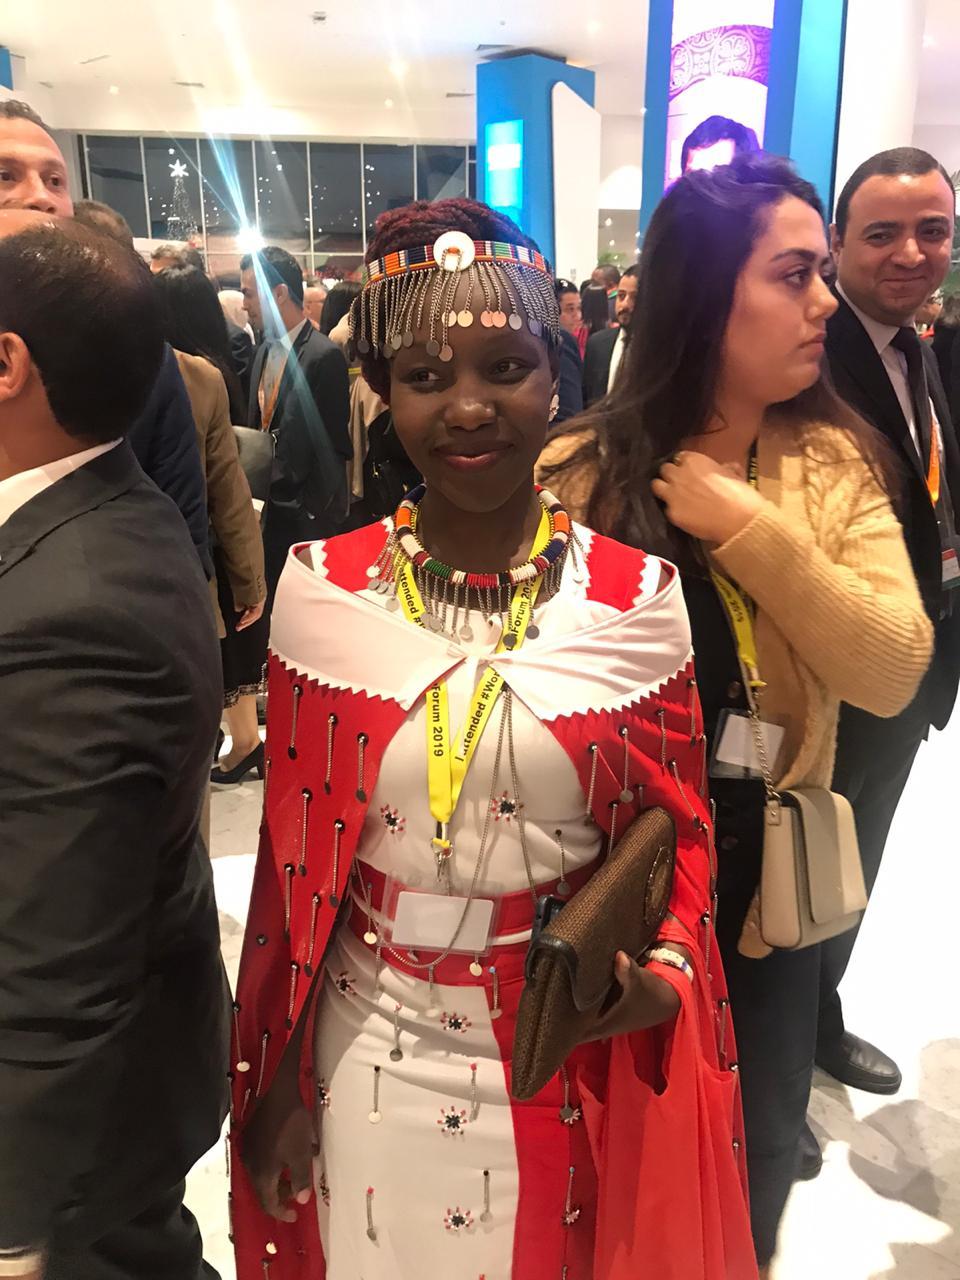 فتاة بزى بلادها فى حفل افتتاح منتدى شباب العالم